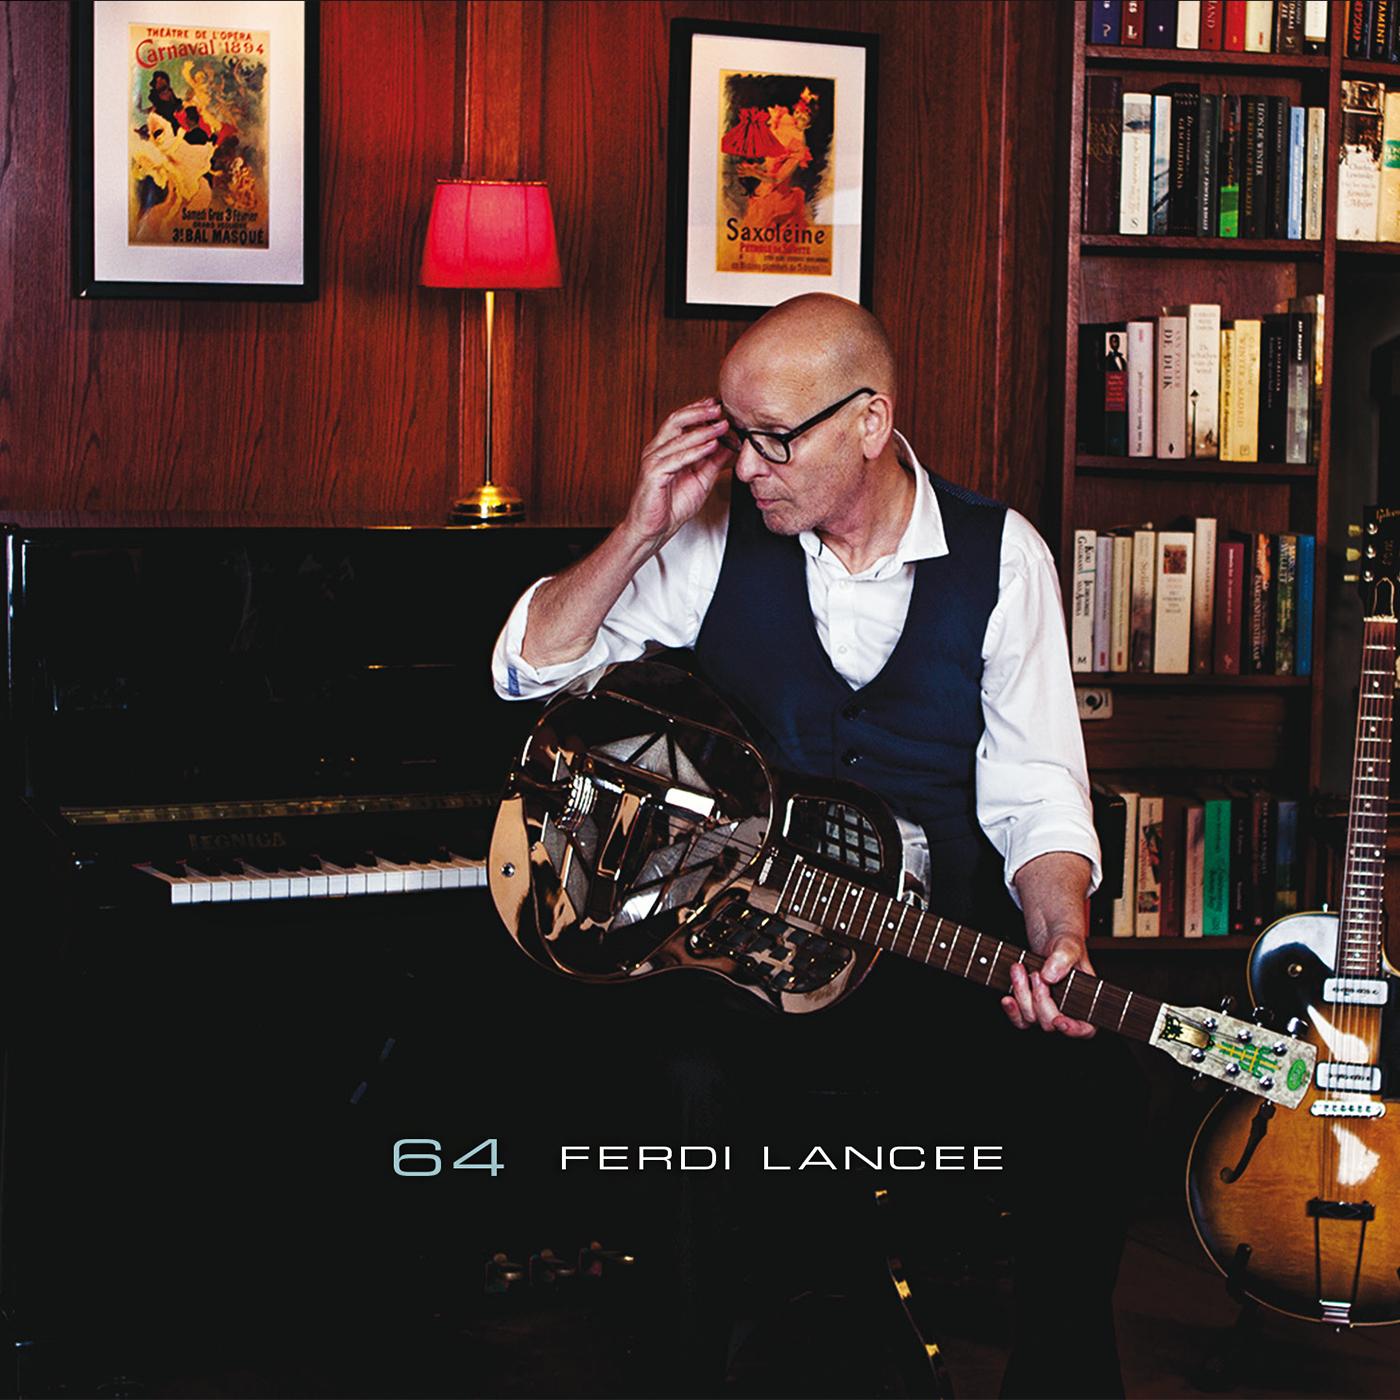 Ferdi Lancee – 64 (2017)